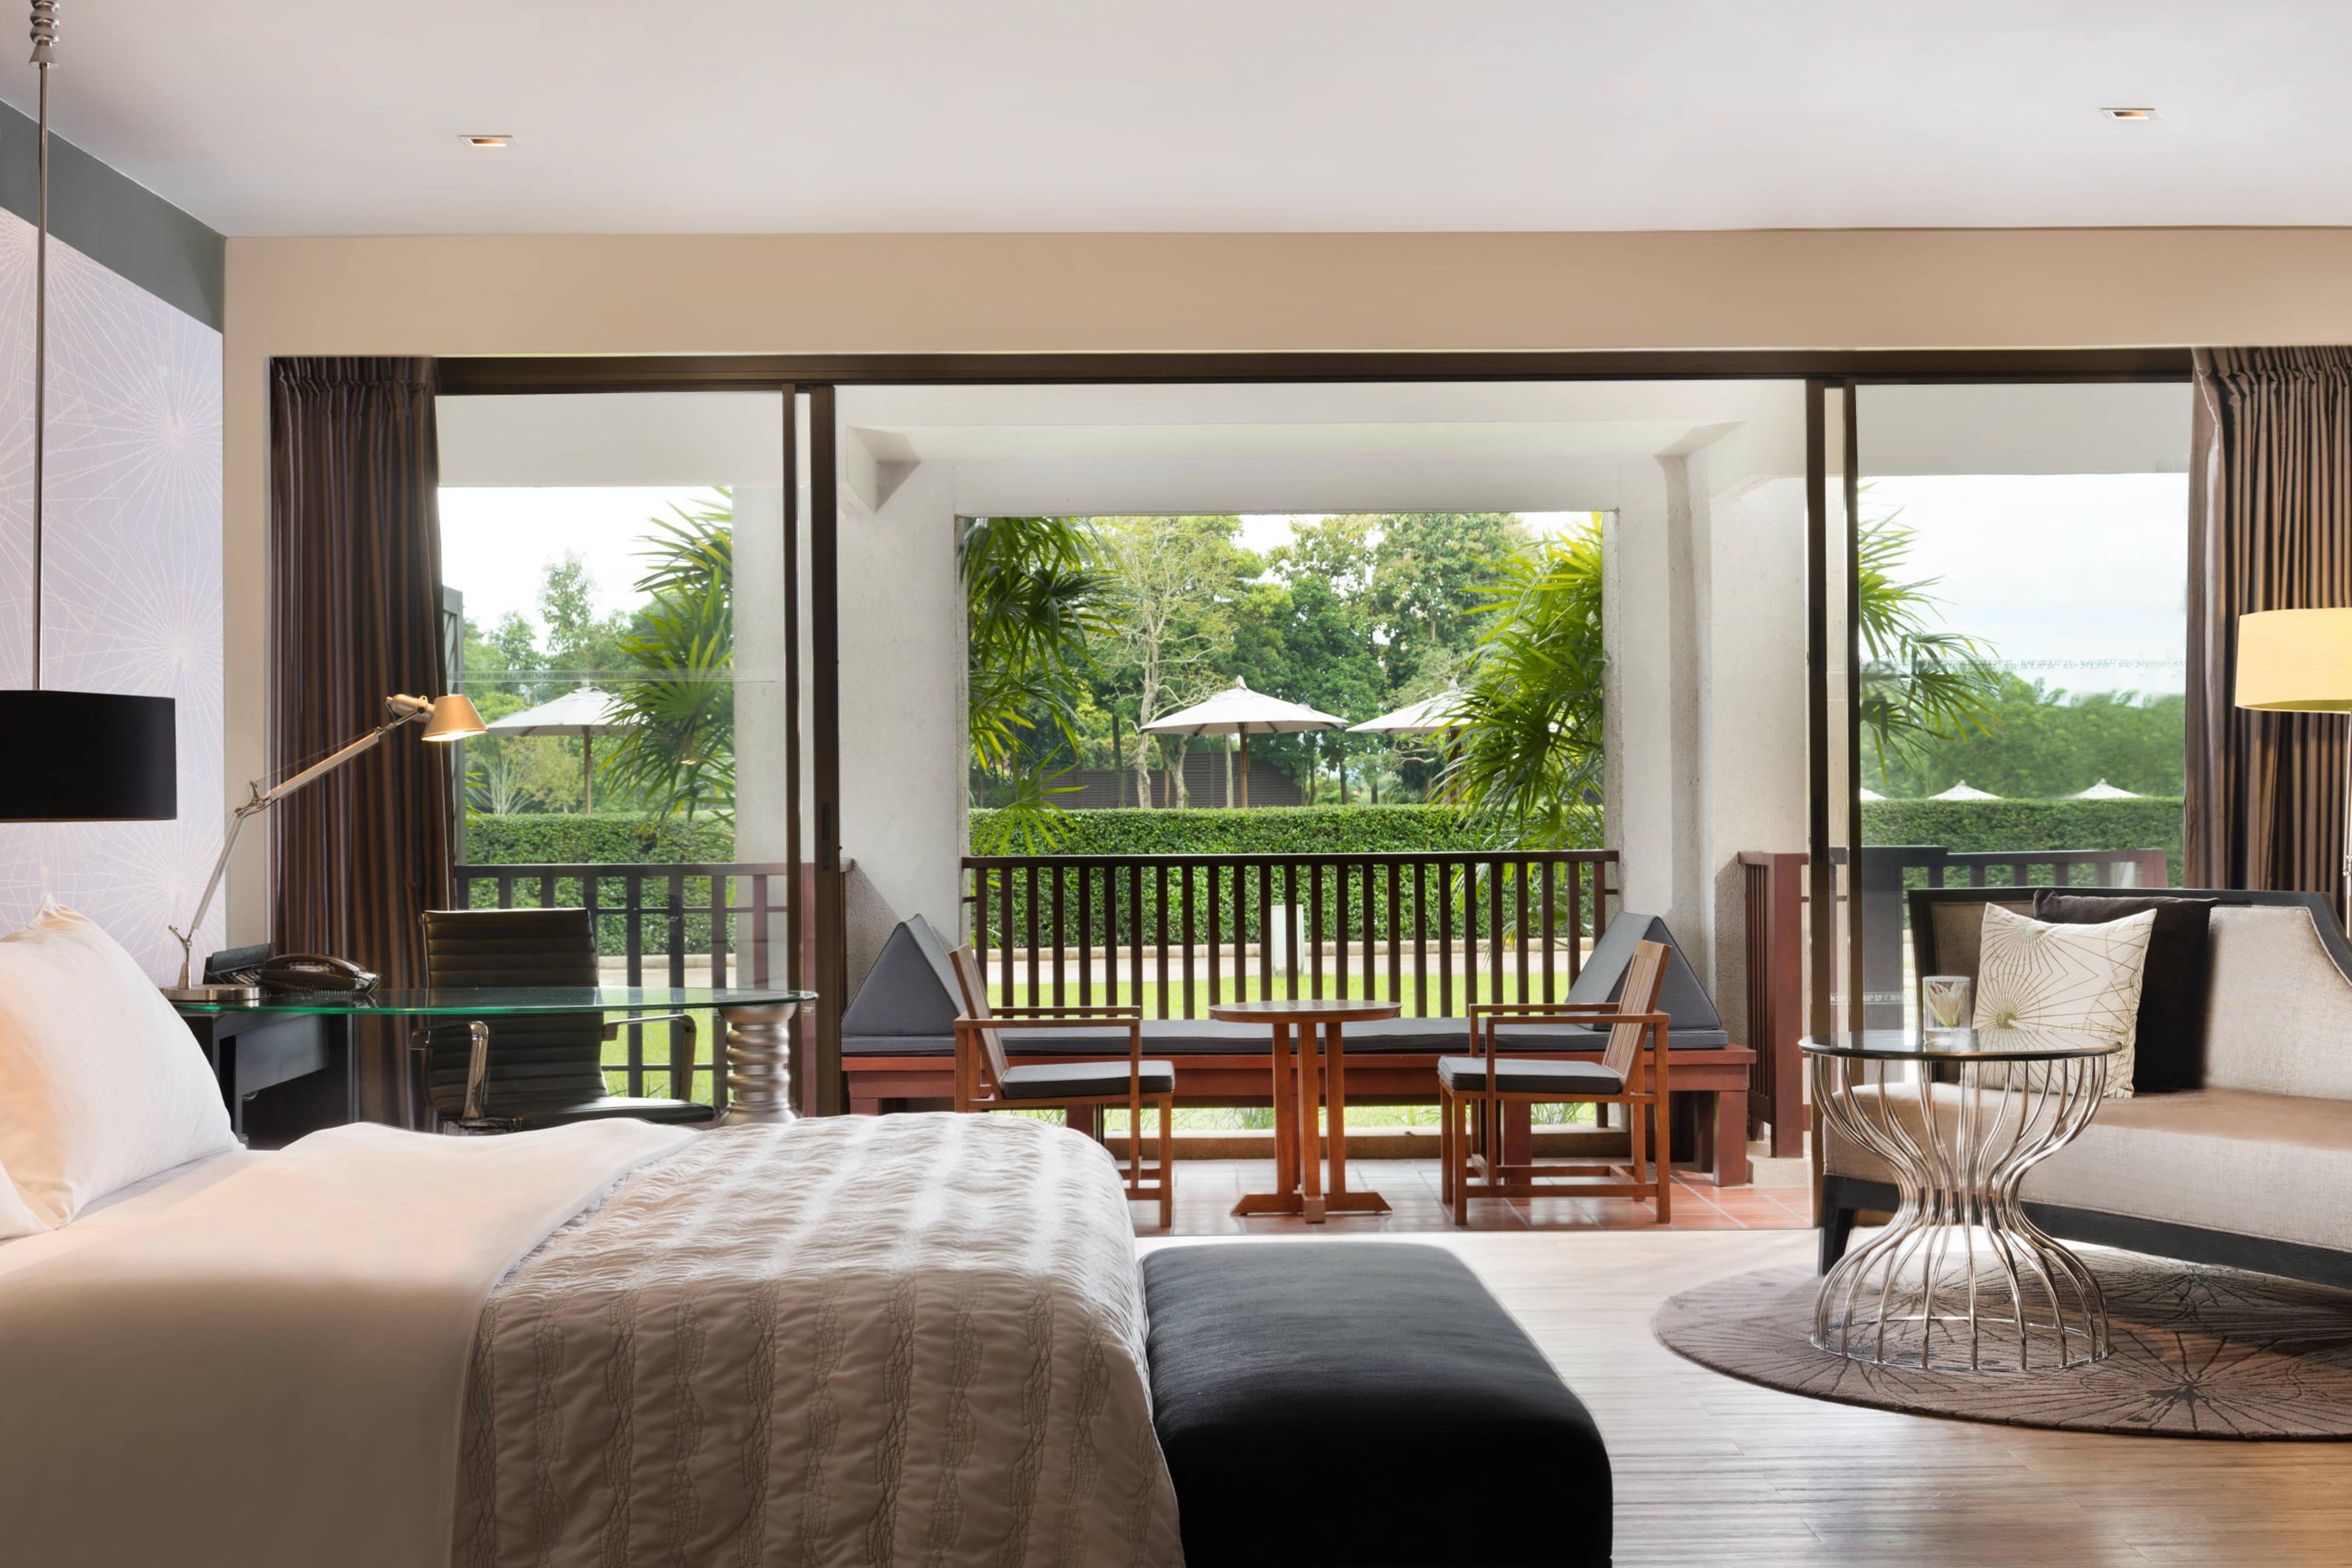 Grand Deluxe Garden Terrace King Bed